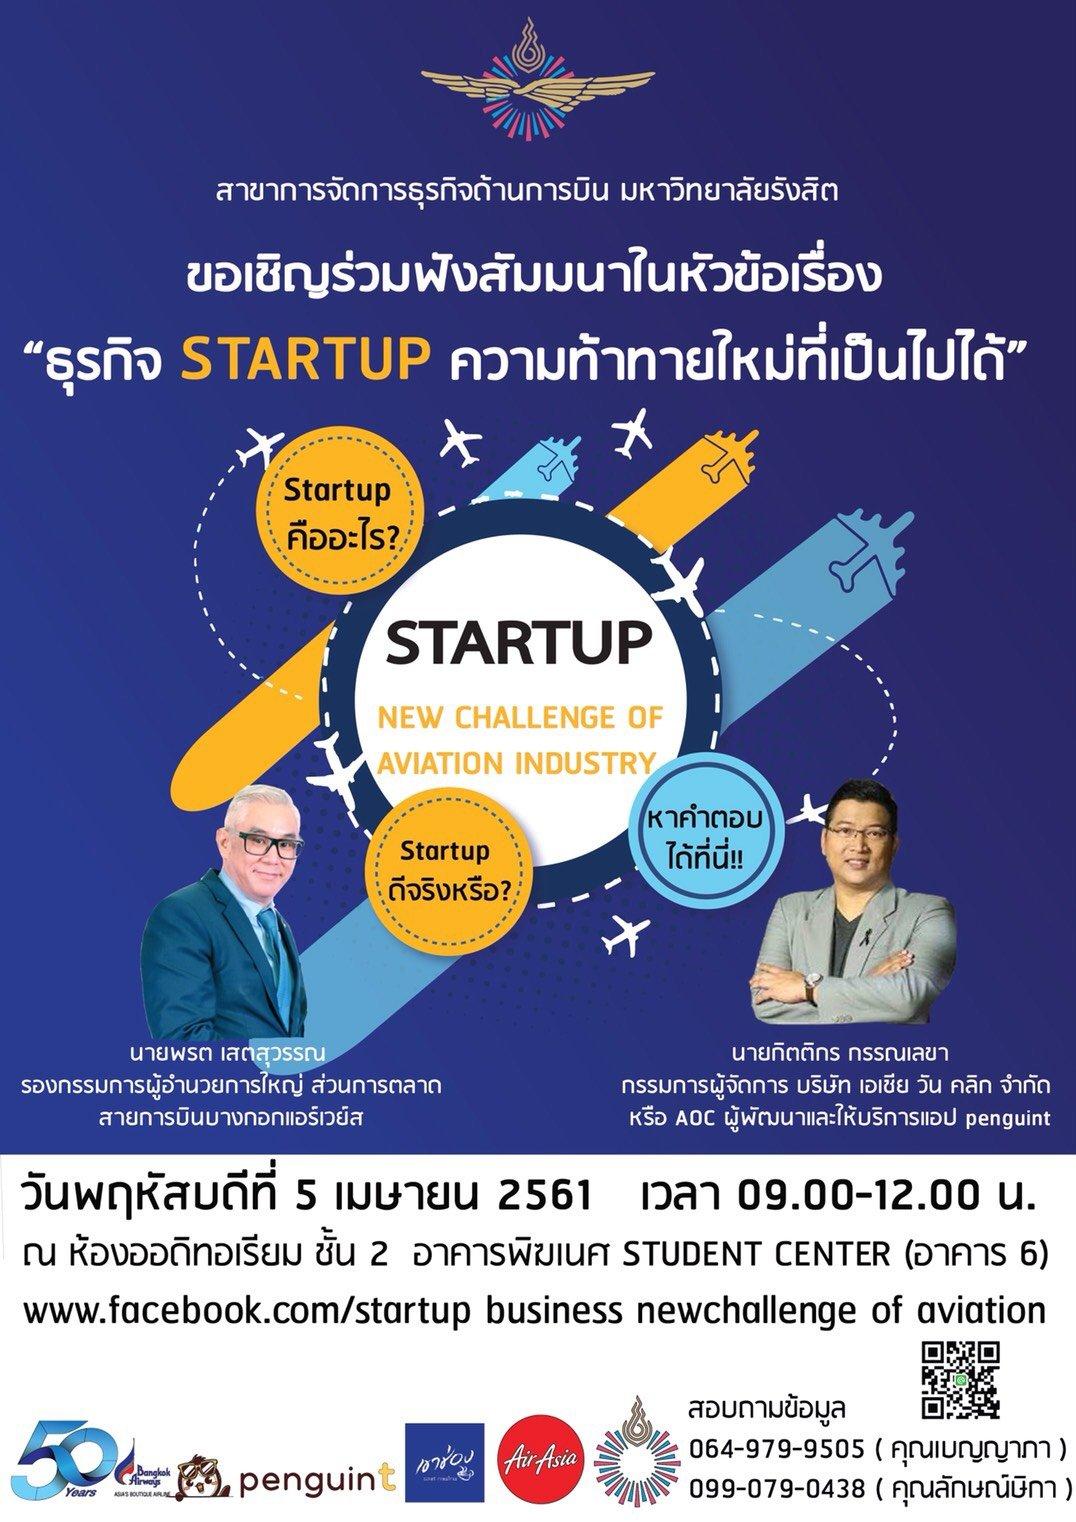 งานสัมมนาในหัวข้อ startup New Challenge of Aviation Industry